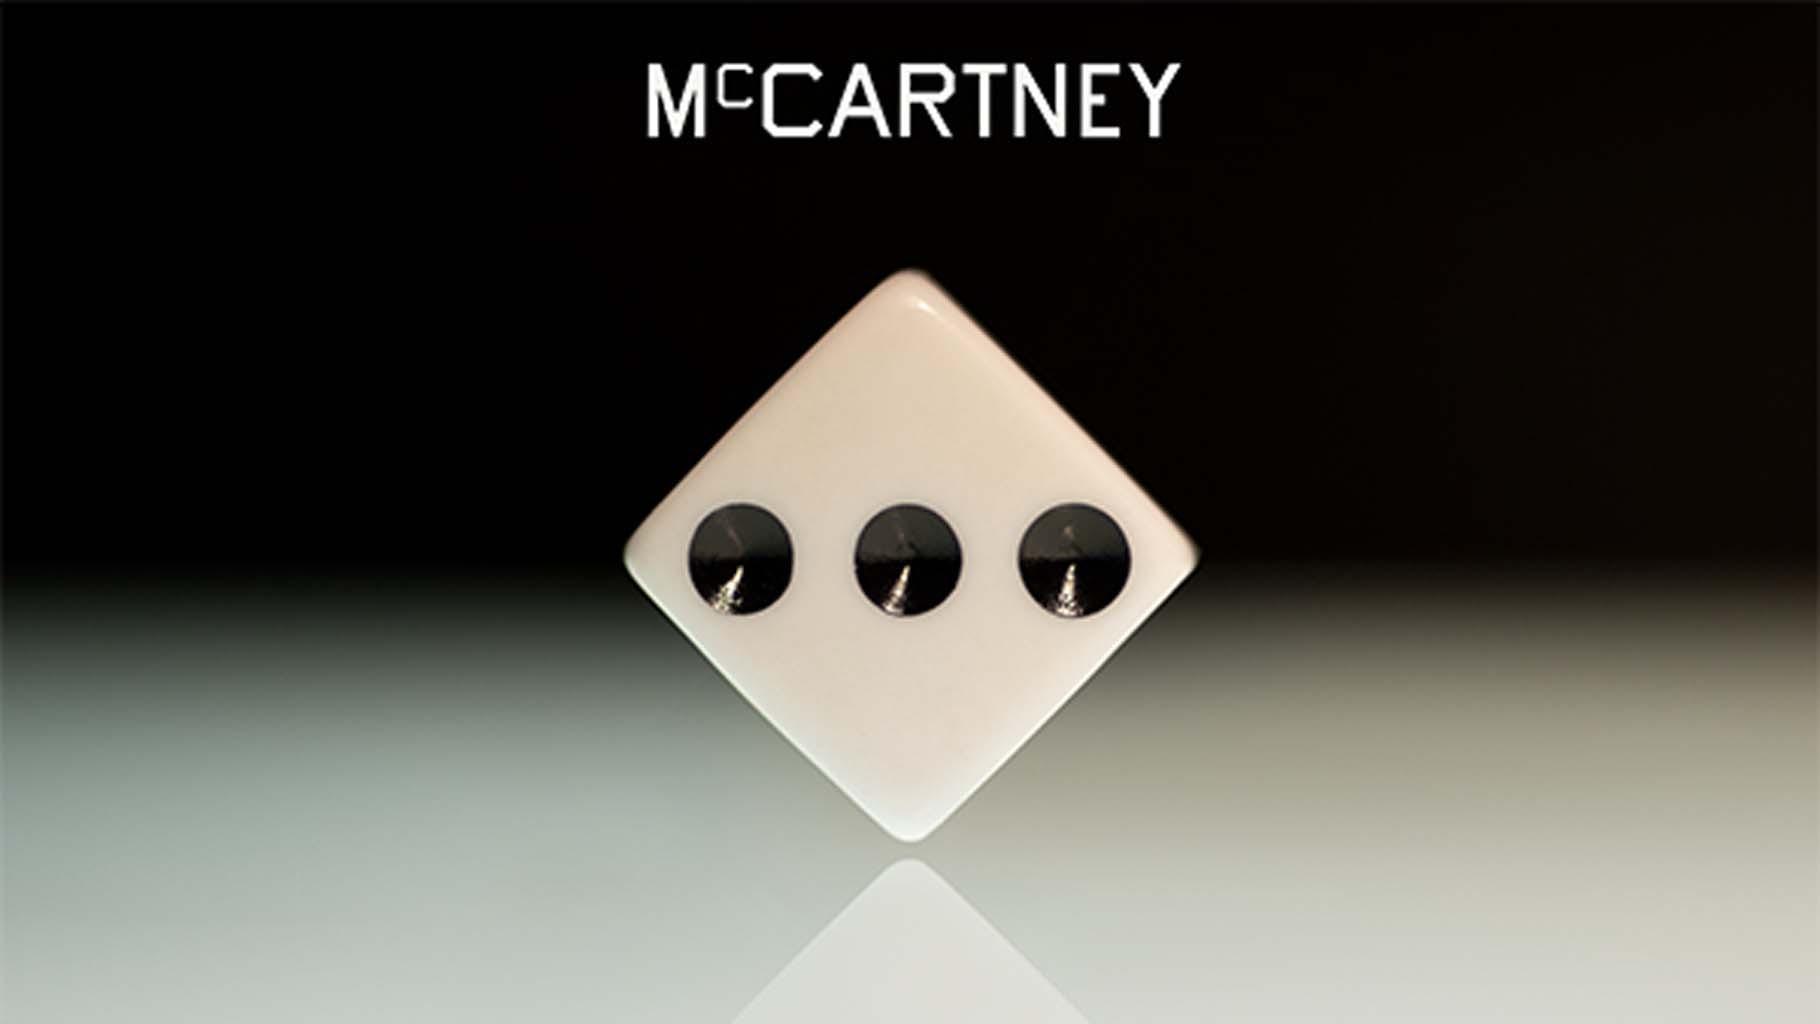 The Beatles, Paul mccartney, Music Album, Mccartney iii